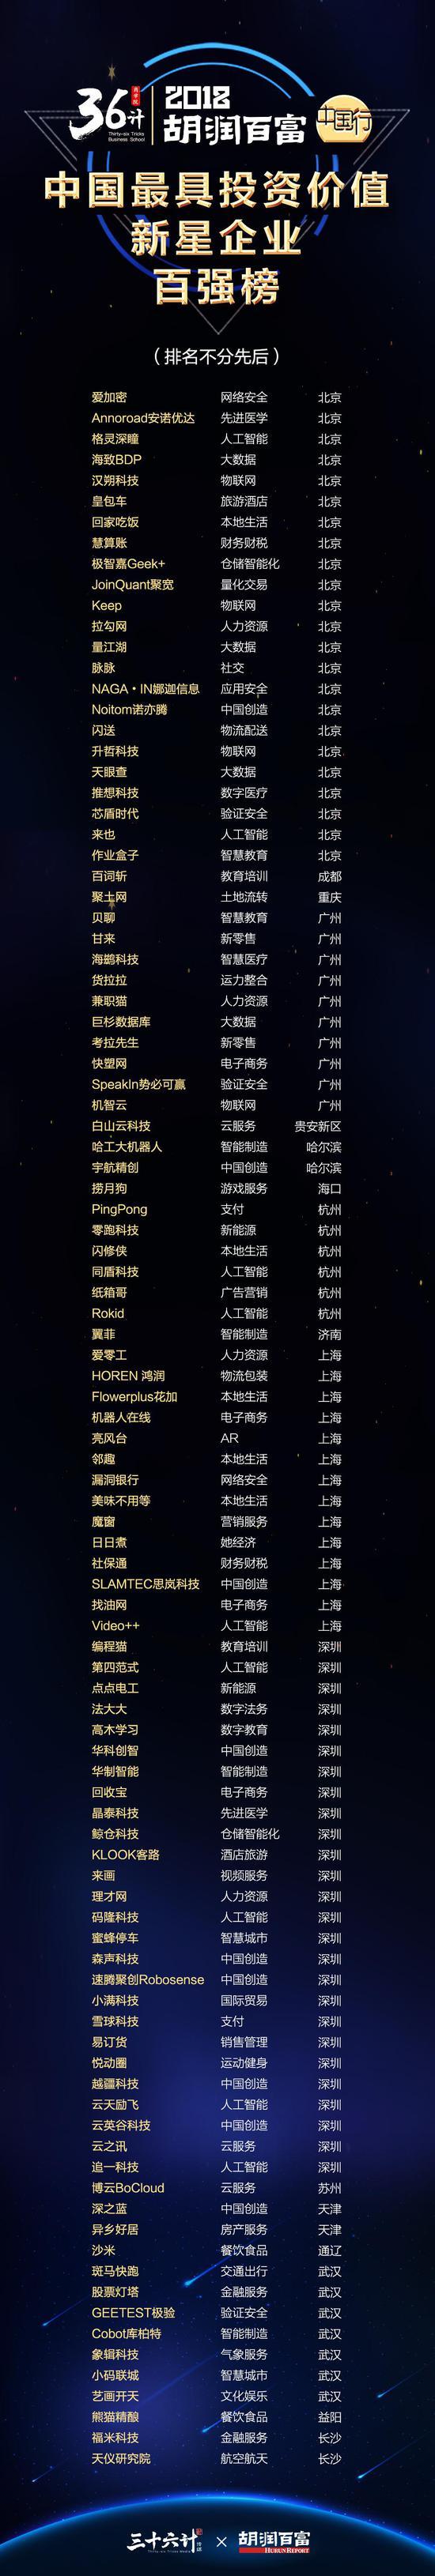 """理才网上榜""""2018胡润中国最具投资价值新星企业100强"""""""